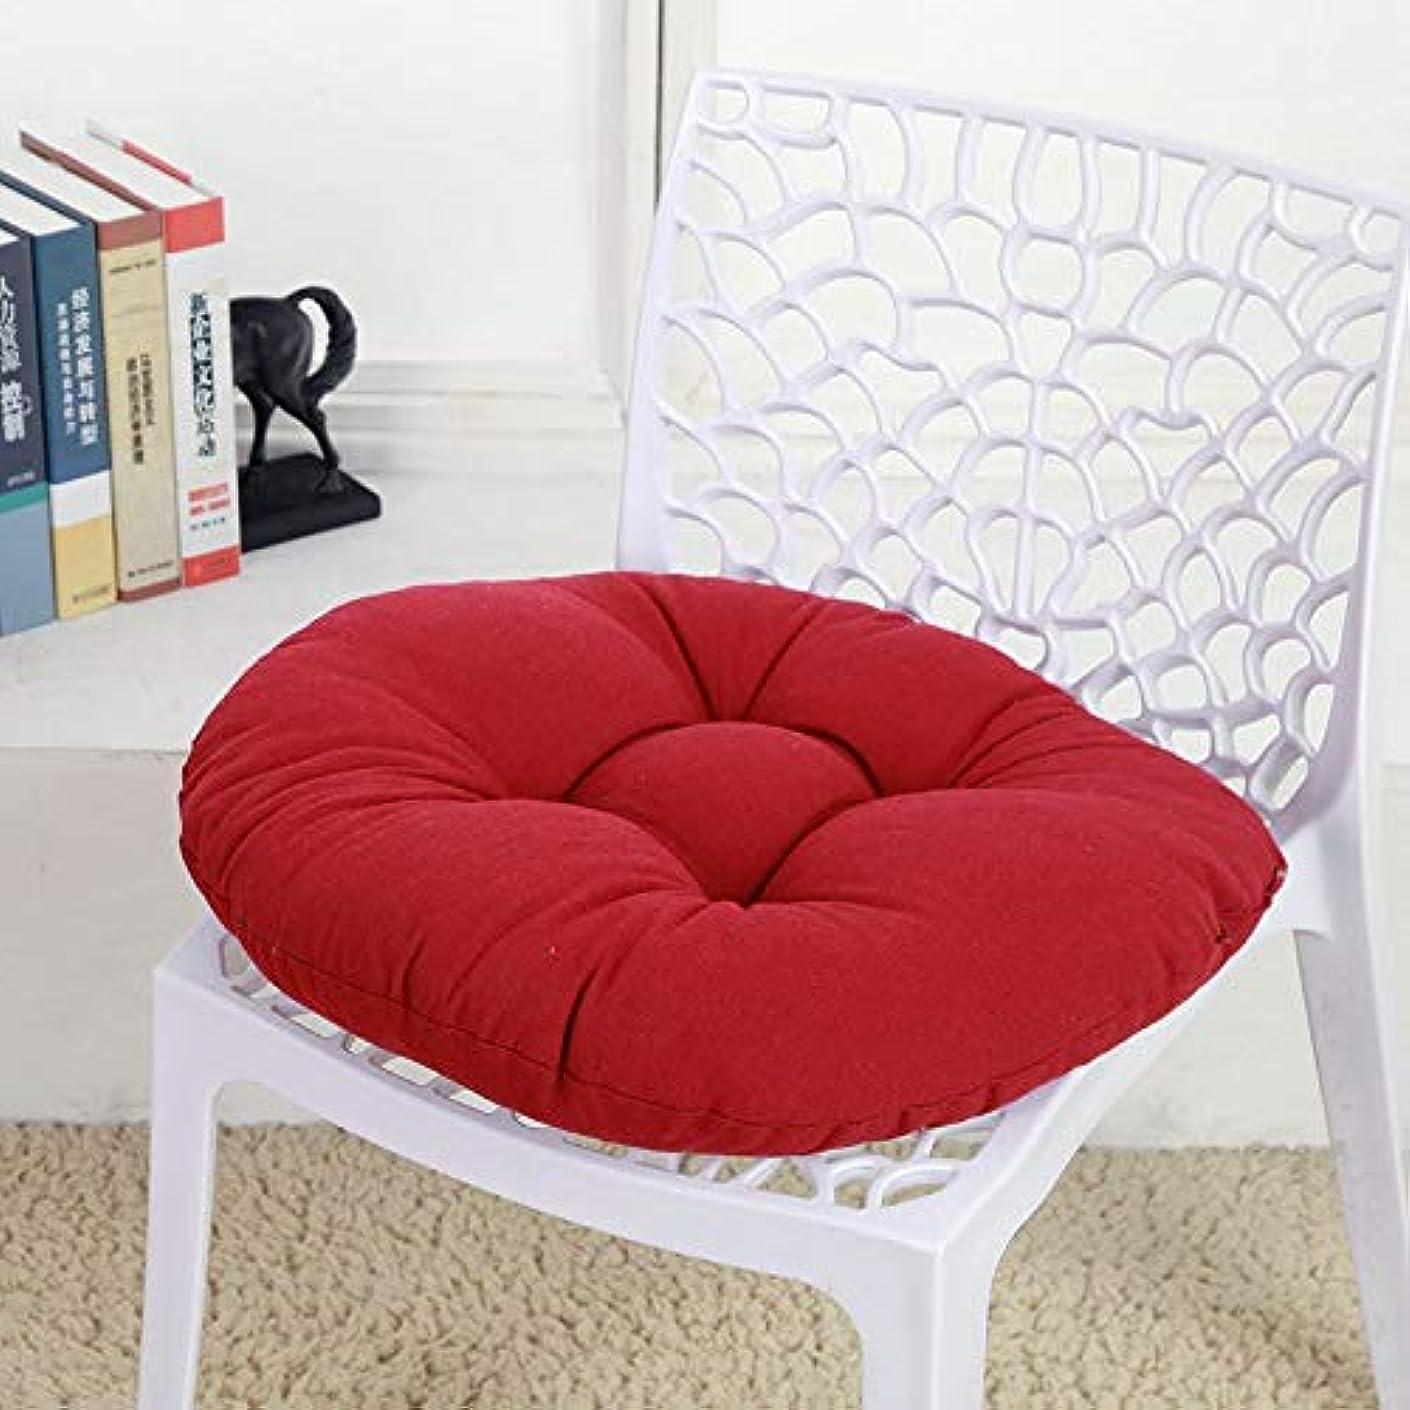 道細分化するLIFE キャンディカラーのクッションラウンドシートクッション波ウィンドウシートクッションクッション家の装飾パッドラウンド枕シート枕椅子座る枕 クッション 椅子